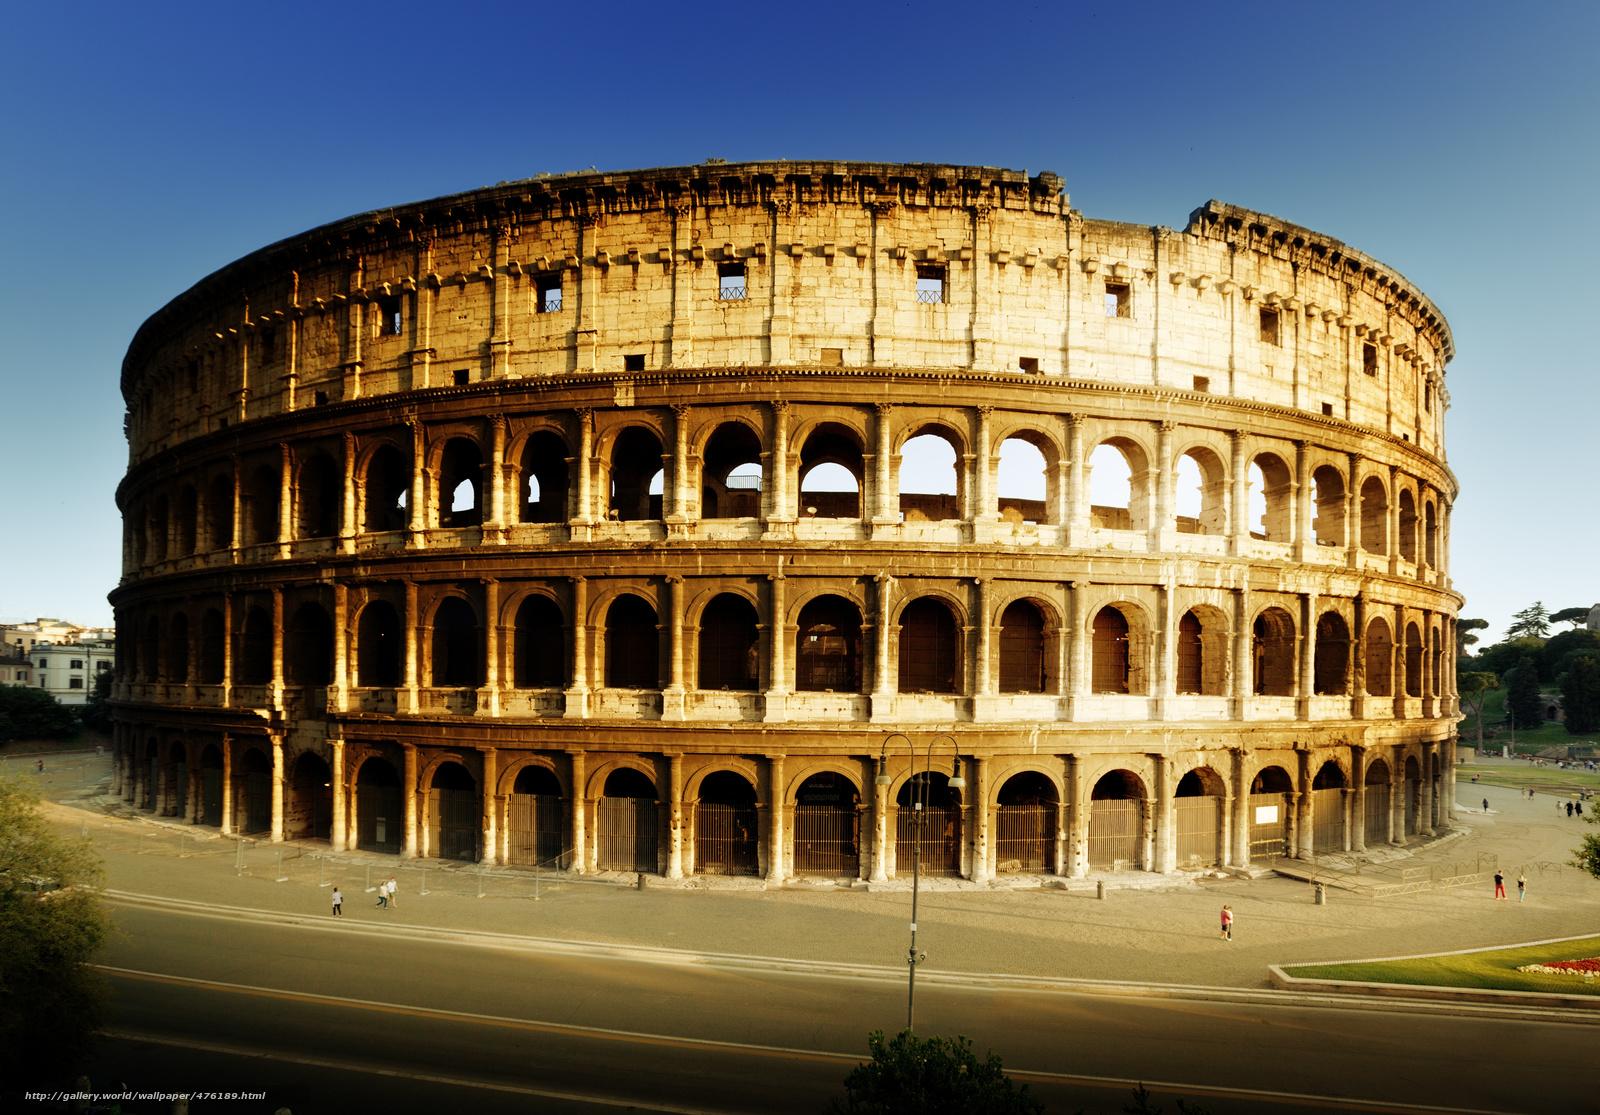 tlcharger fond decran rome - photo #46